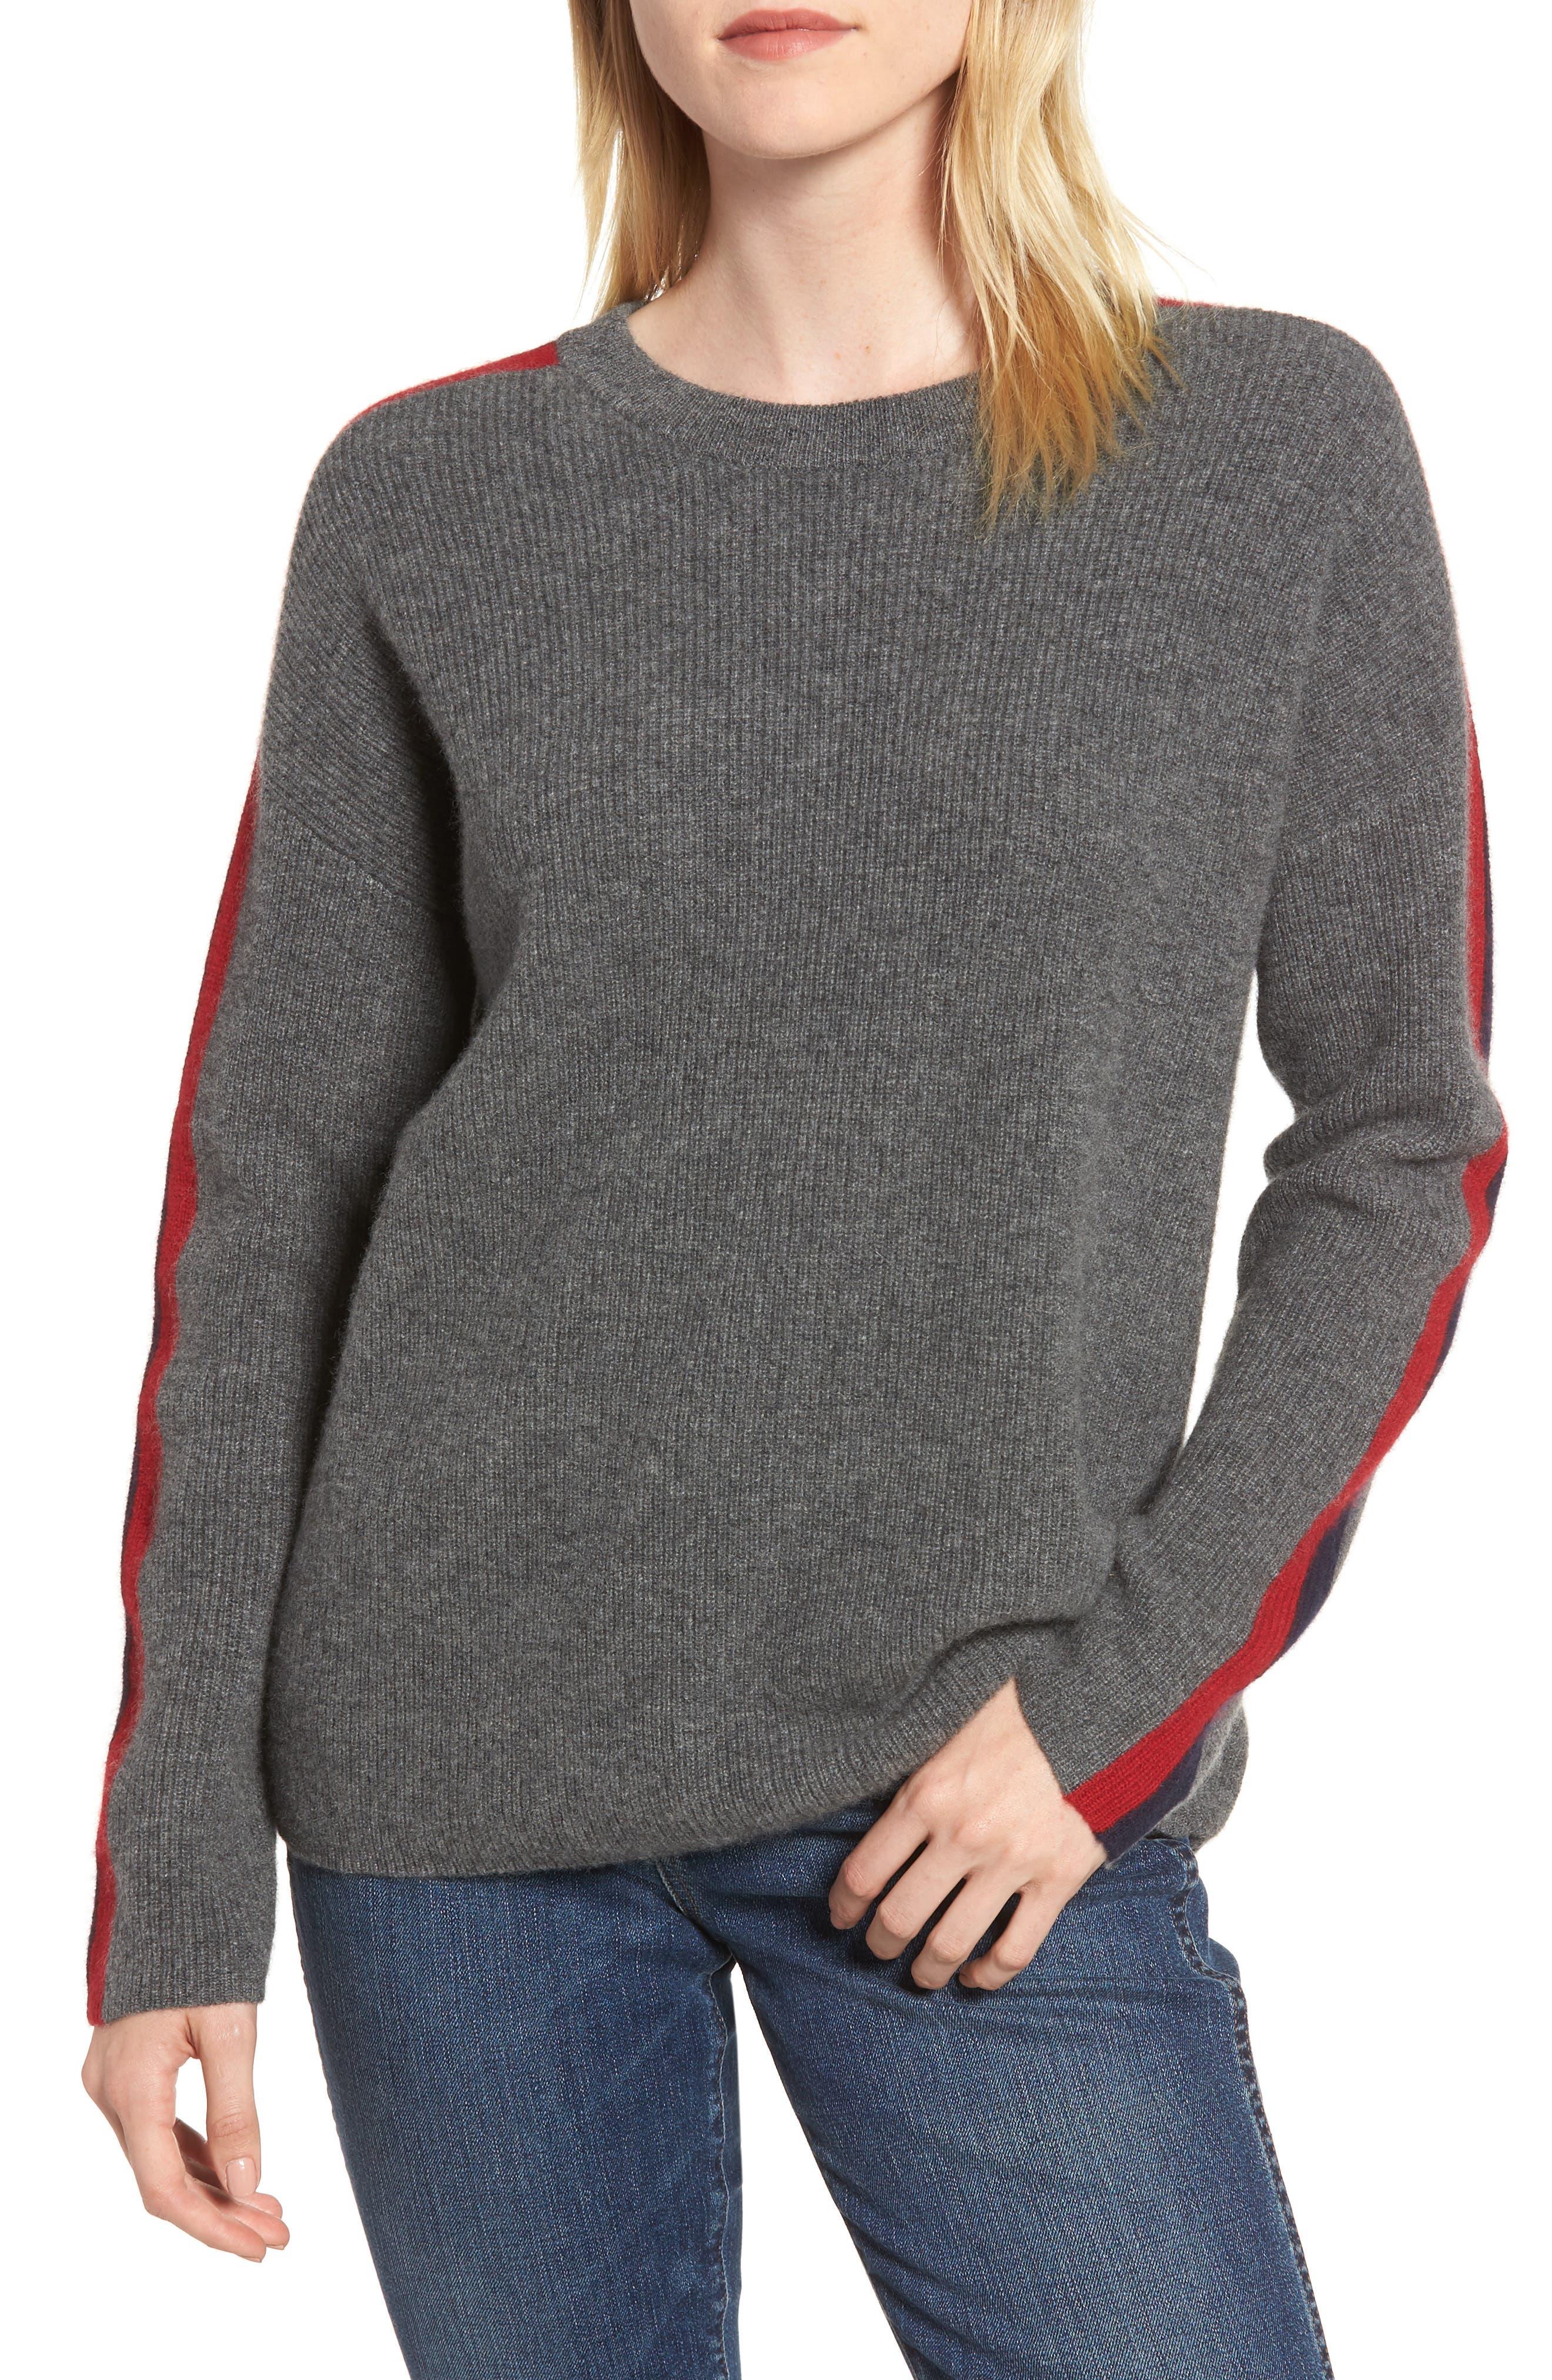 VELVET BY GRAHAM & SPENCER, Stripe Sleeve Cashmere Sweater, Main thumbnail 1, color, DARK GREY